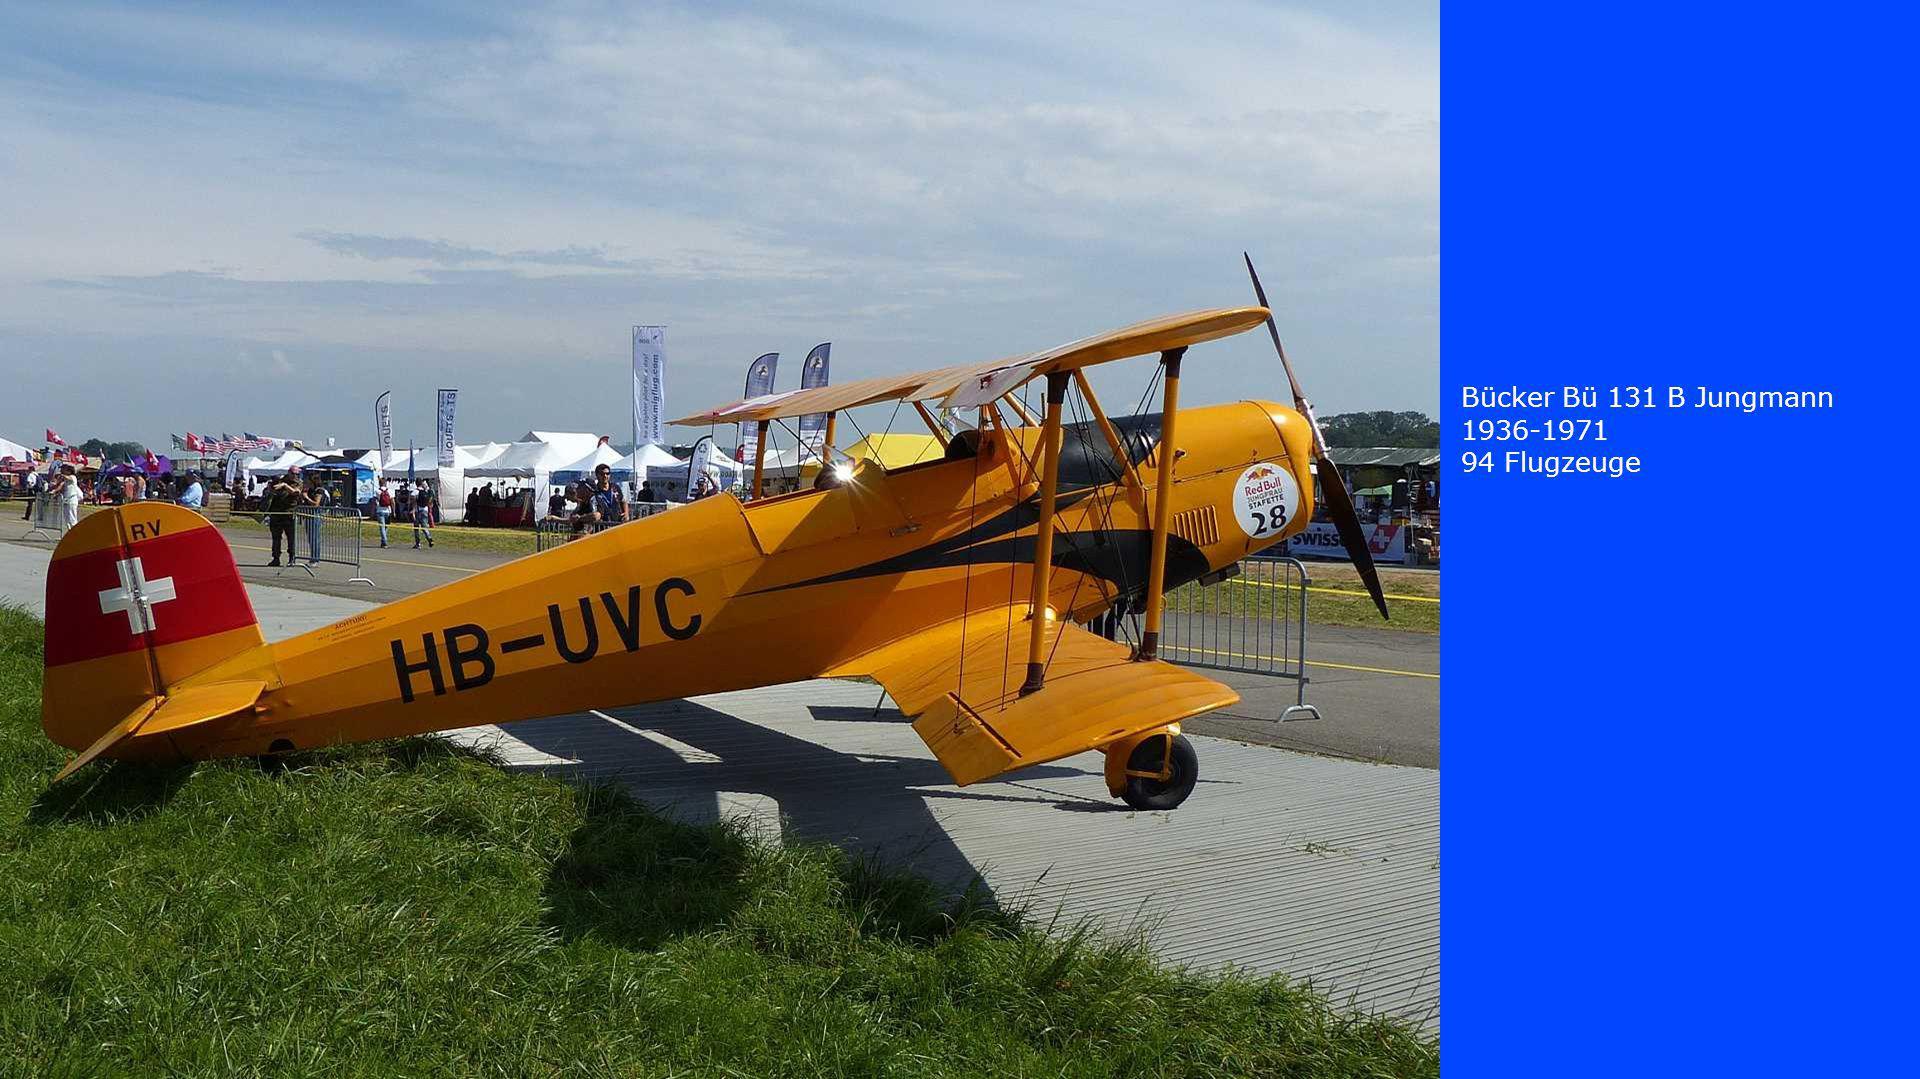 Bücker Bü 131 B Jungmann 1936-1971 94 Flugzeuge